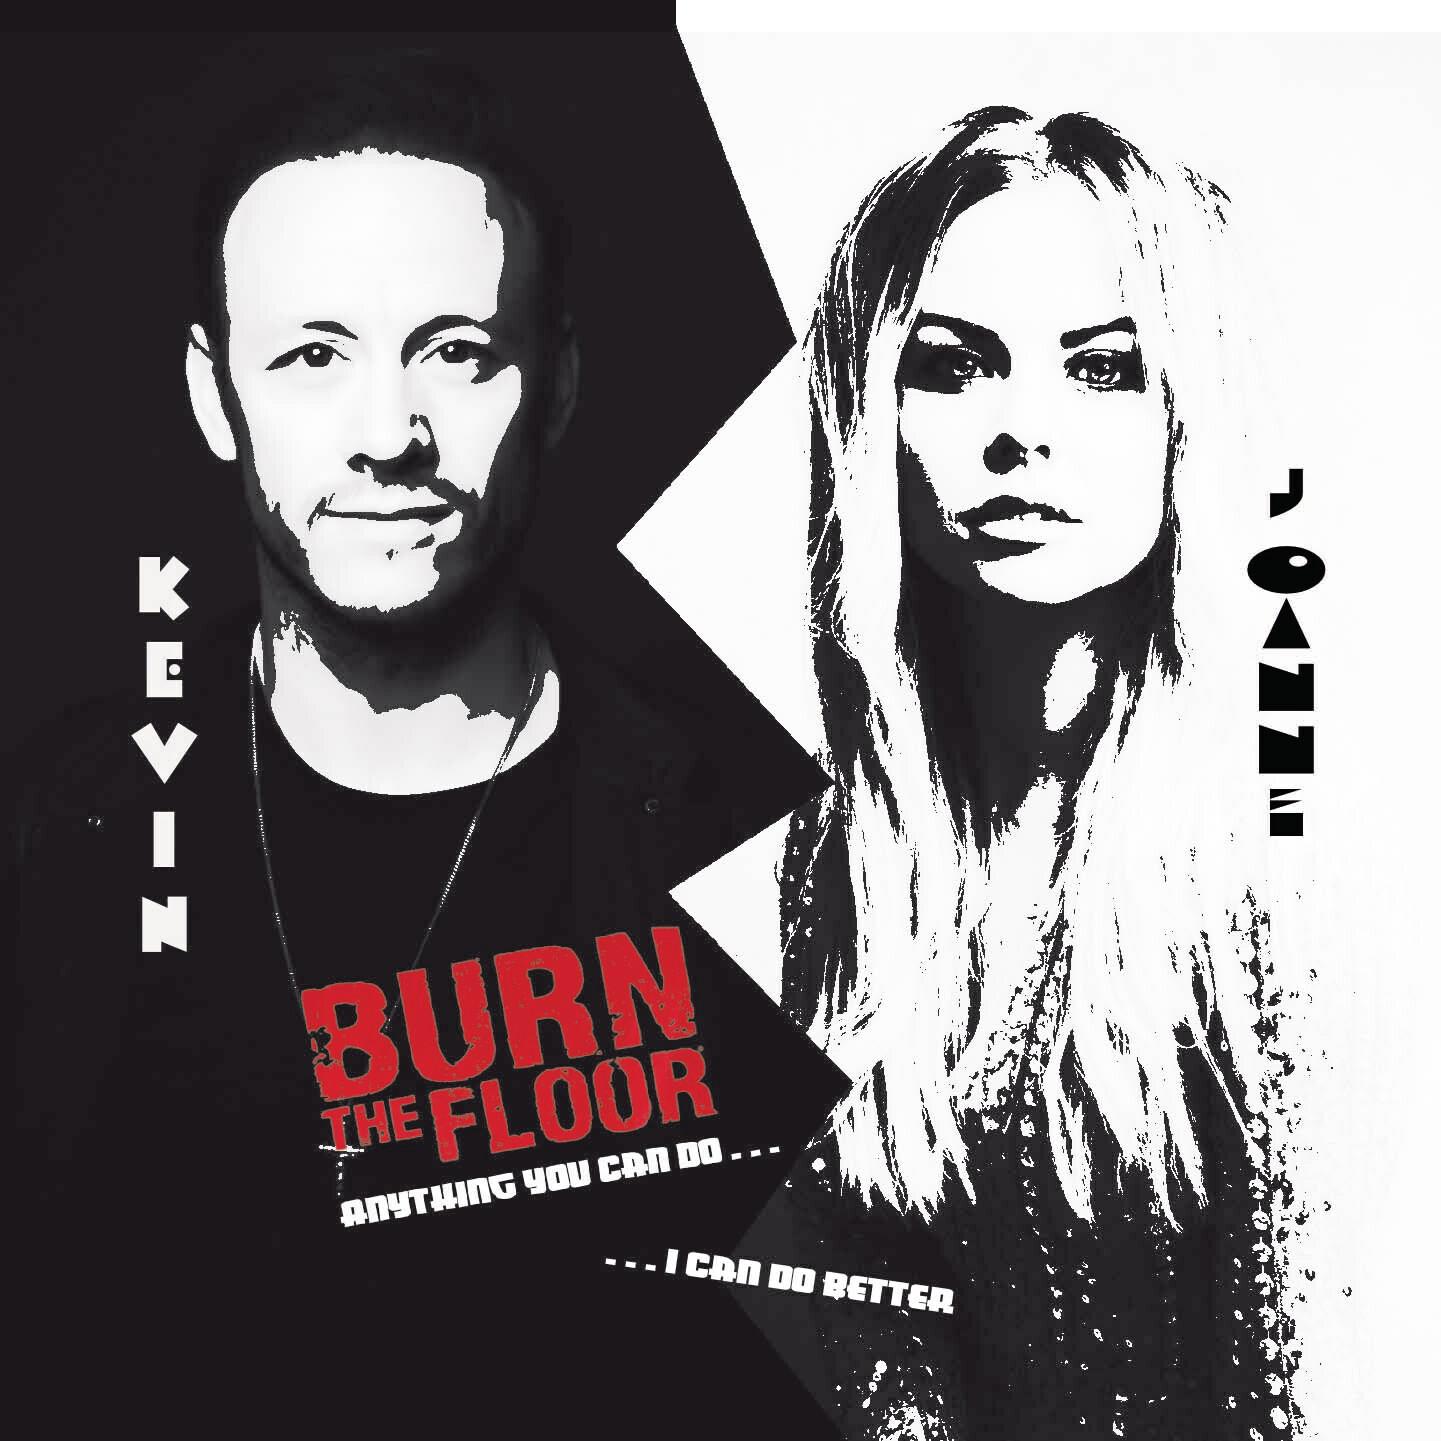 CD - Burn the Floor - Kevin Clifton & Joanne Clifton